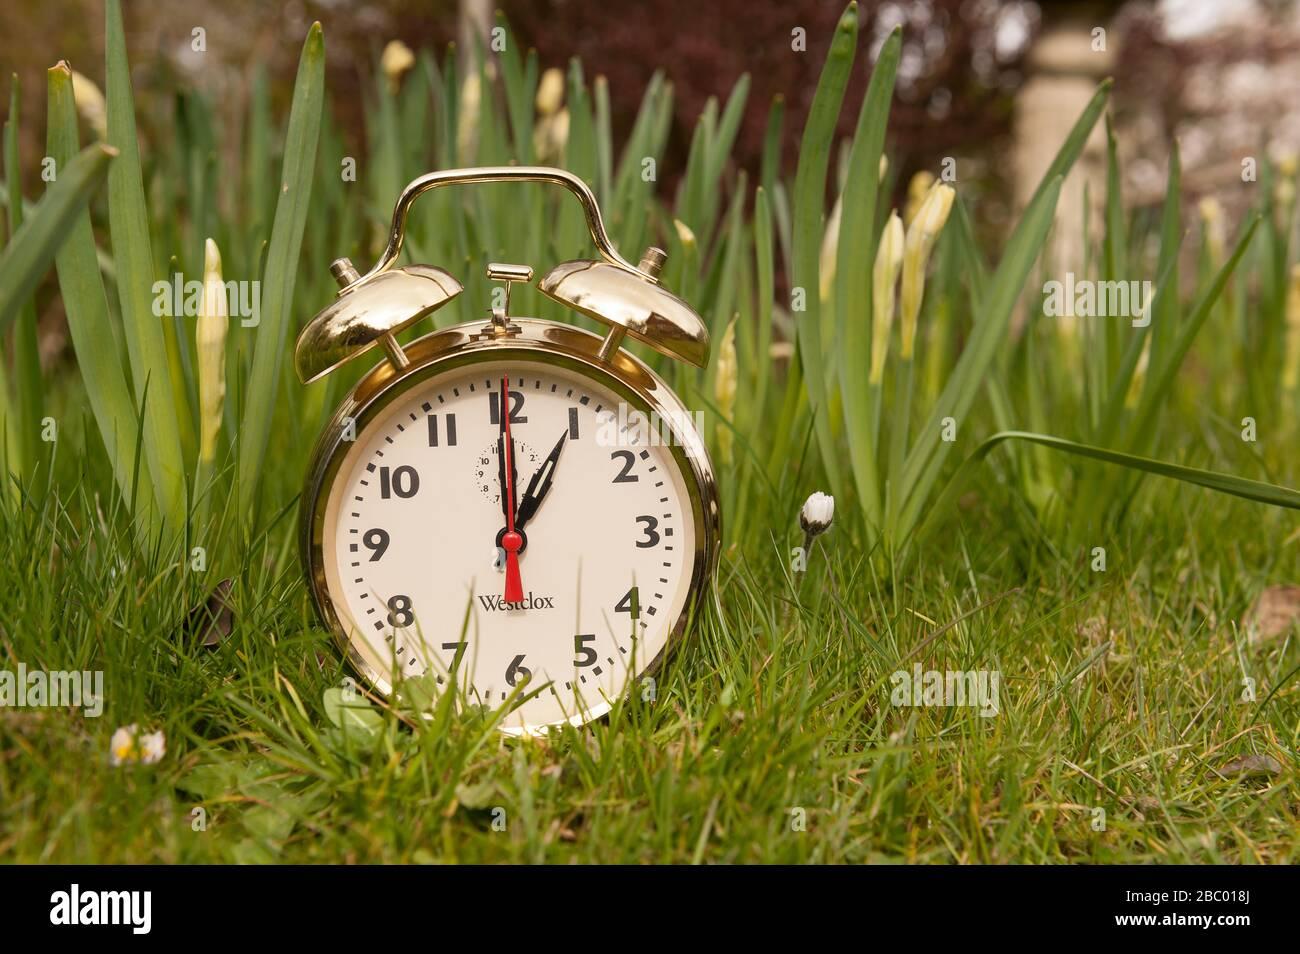 Les horloges avangent en mars, perdant une heure de sommeil gagnant plus longtemps lumière du jour de la soirée, heure d'été britannique, horloge dorée Banque D'Images